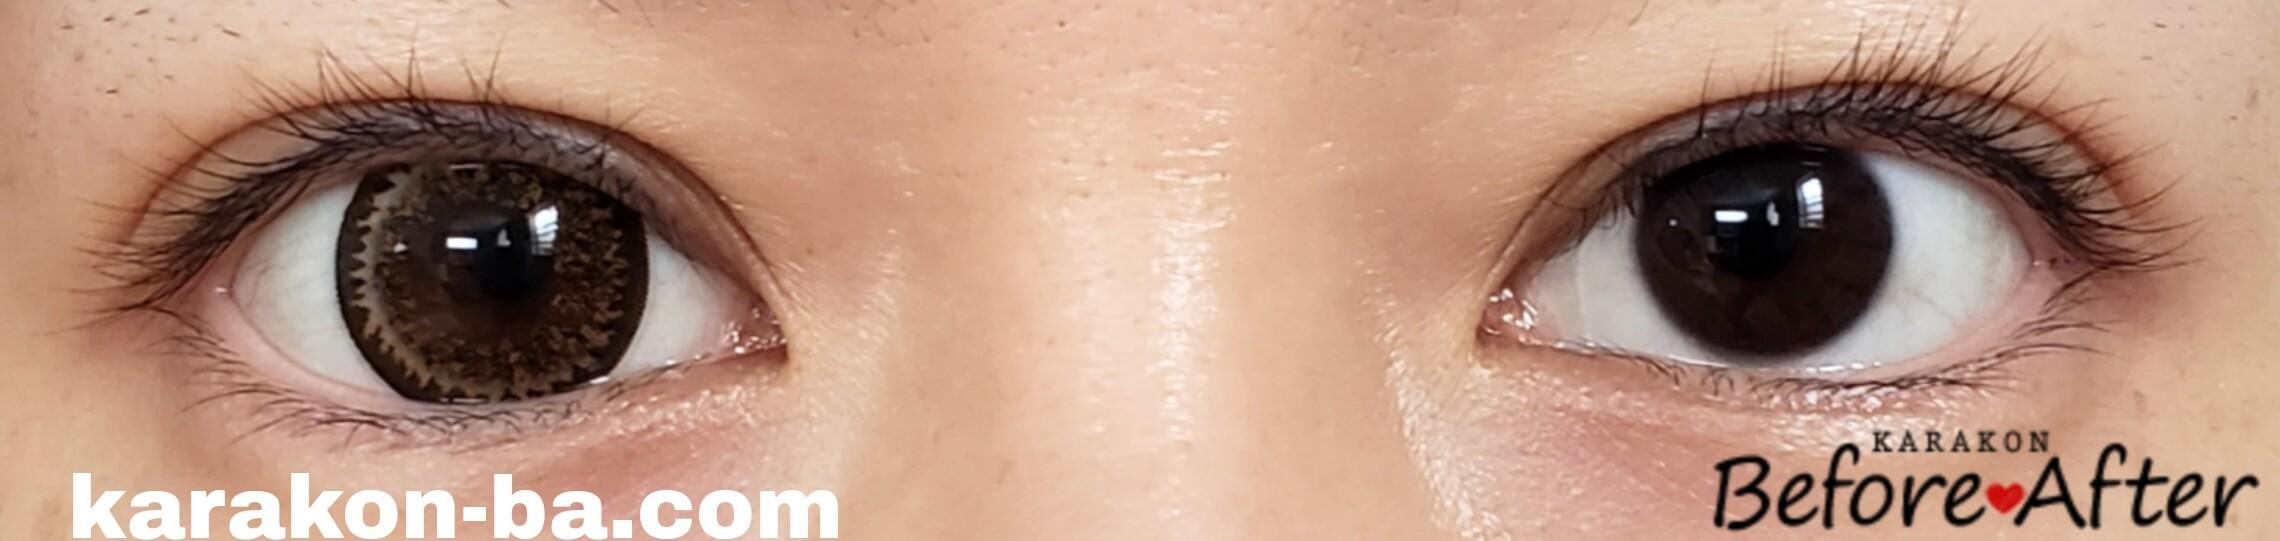 No.7ブラウンのカラコン装着画像/裸眼と比較